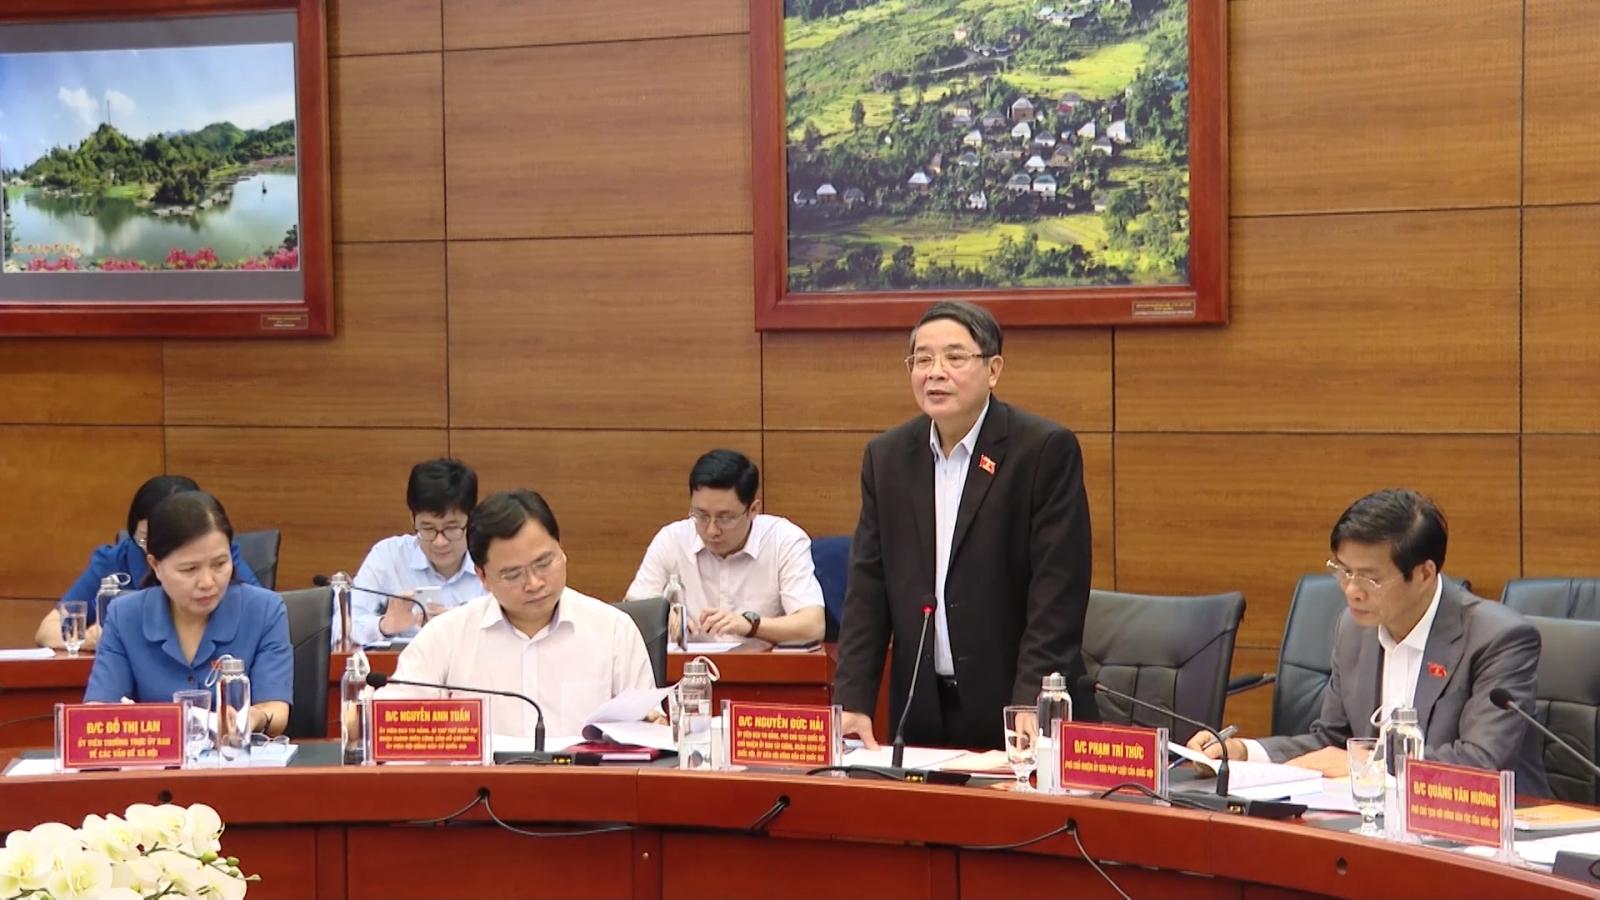 Phó Chủ tịch Quốc hội Nguyễn Đức Hải: Muốn tổ chức tốt bầu cử, trước hết phải an dân